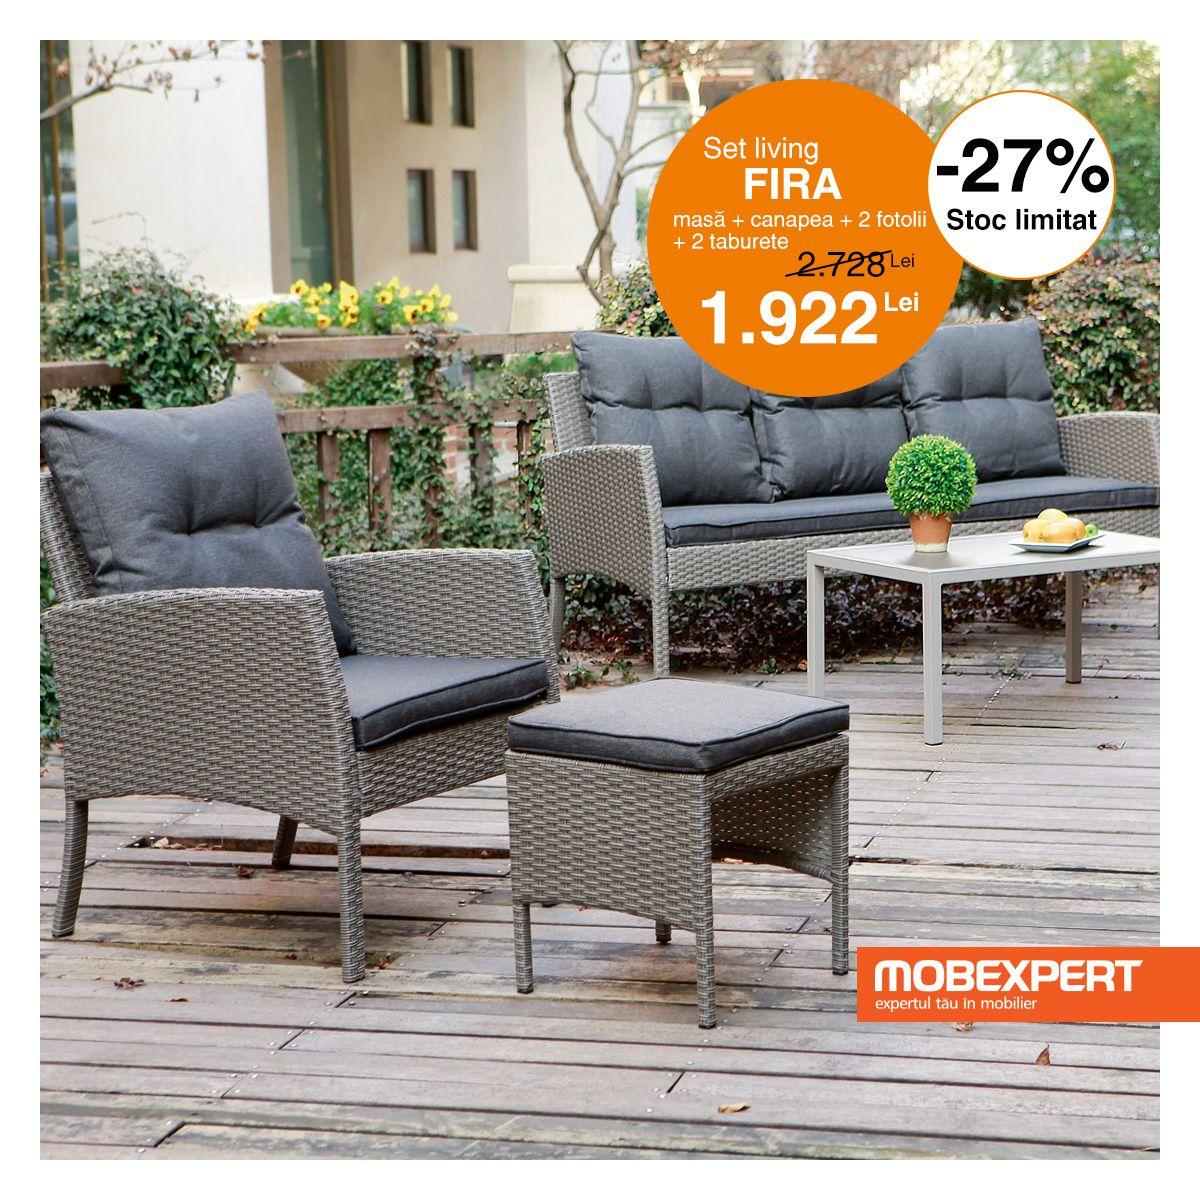 In Materie De Design Gama Fira Este Expresia Confortului Si A Bunului Gust Piesele De Mobilier Combin Outdoor Furniture Sets Outdoor Furniture Furniture Sets